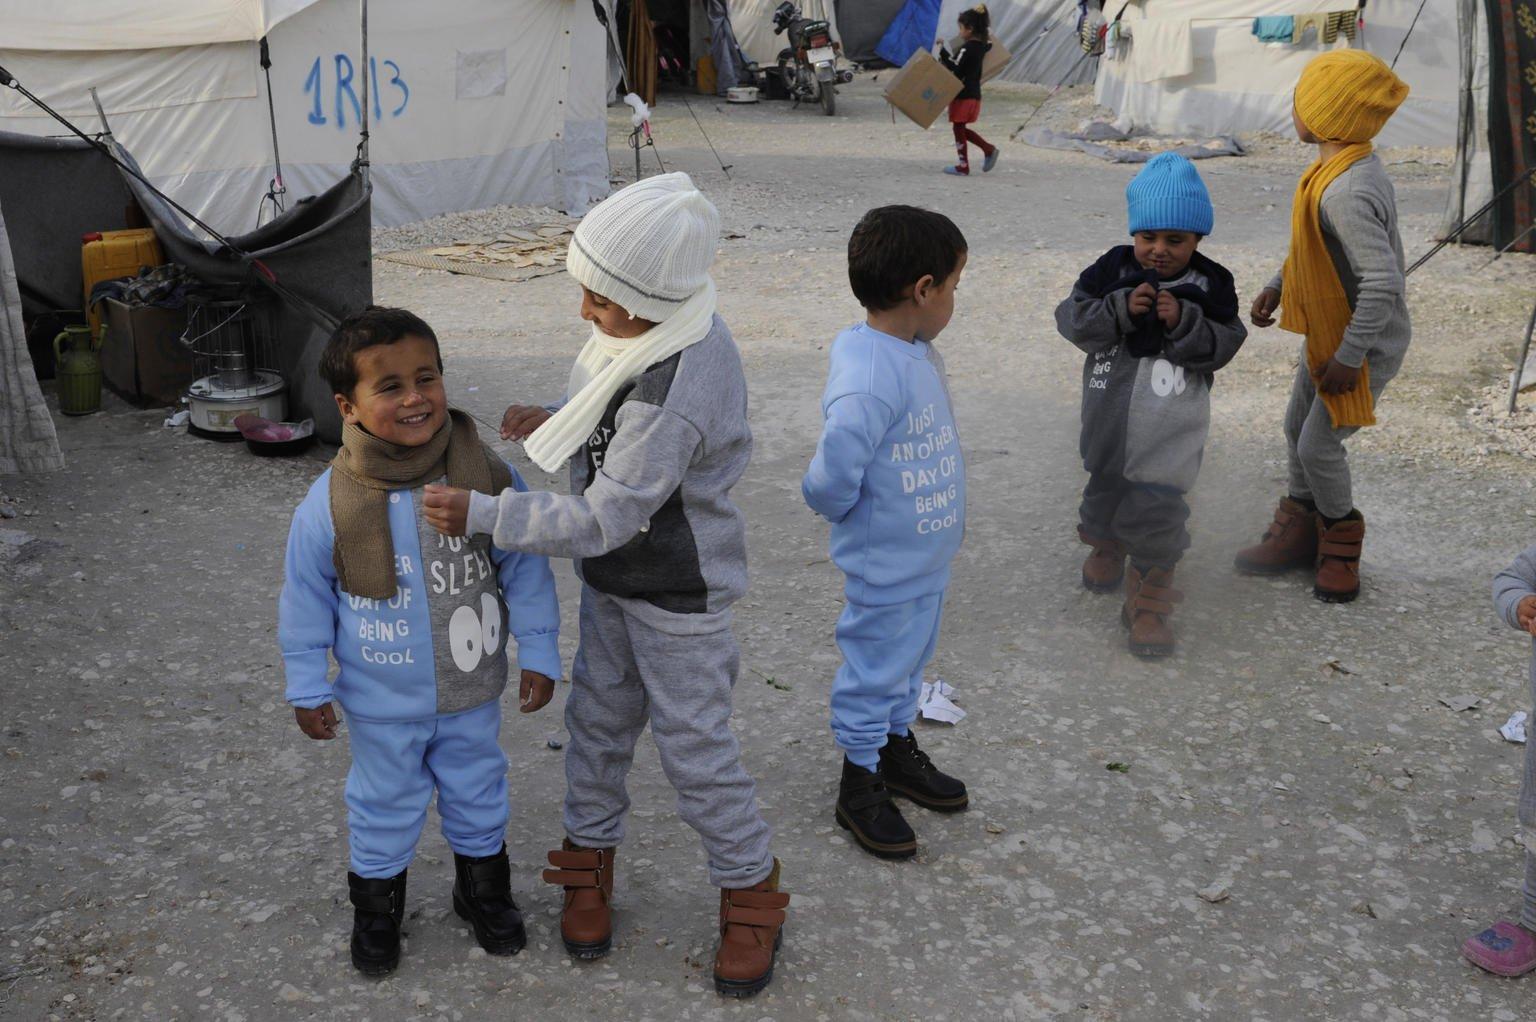 بإمكانهم المساهمة بإنقاذ الأطفال في سوريا امنين